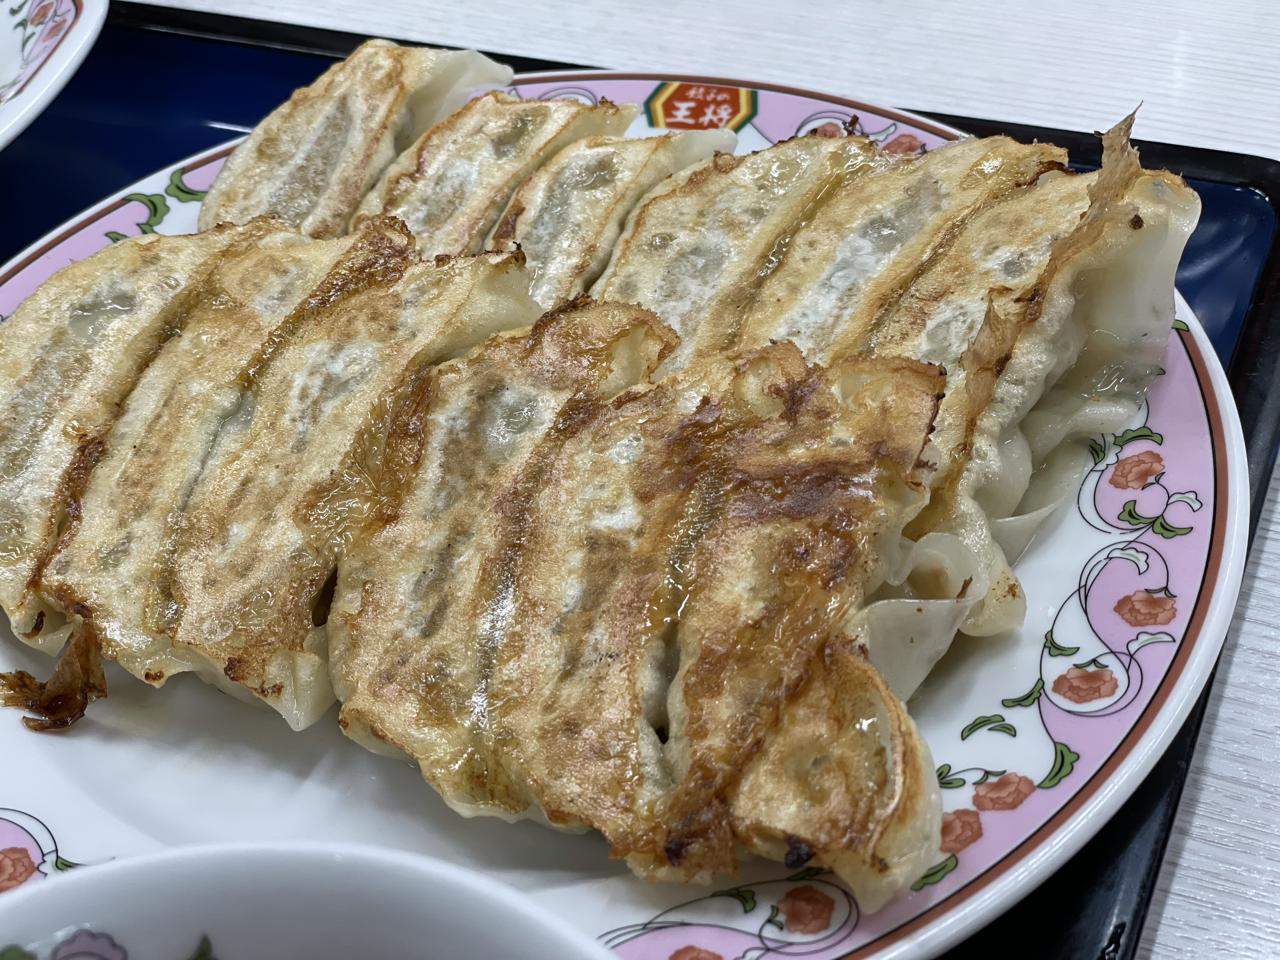 焼き 王将 方 餃子